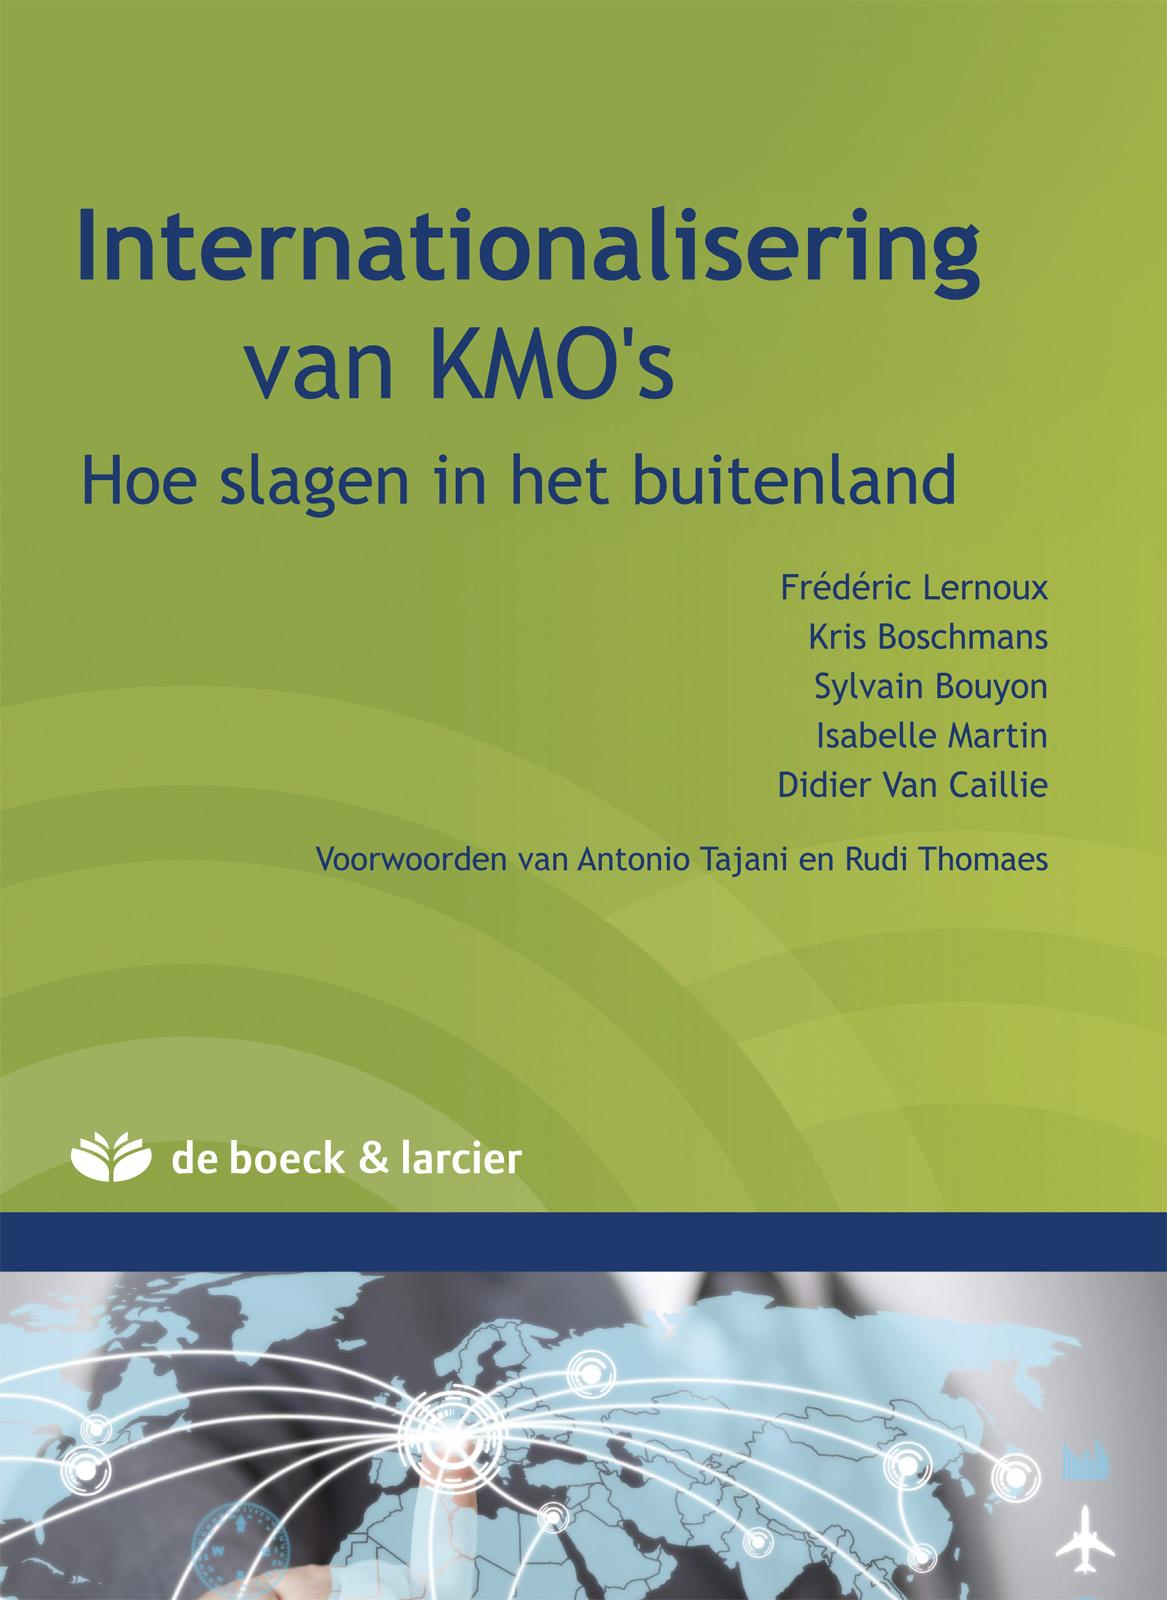 Internationalisatie van KMO's